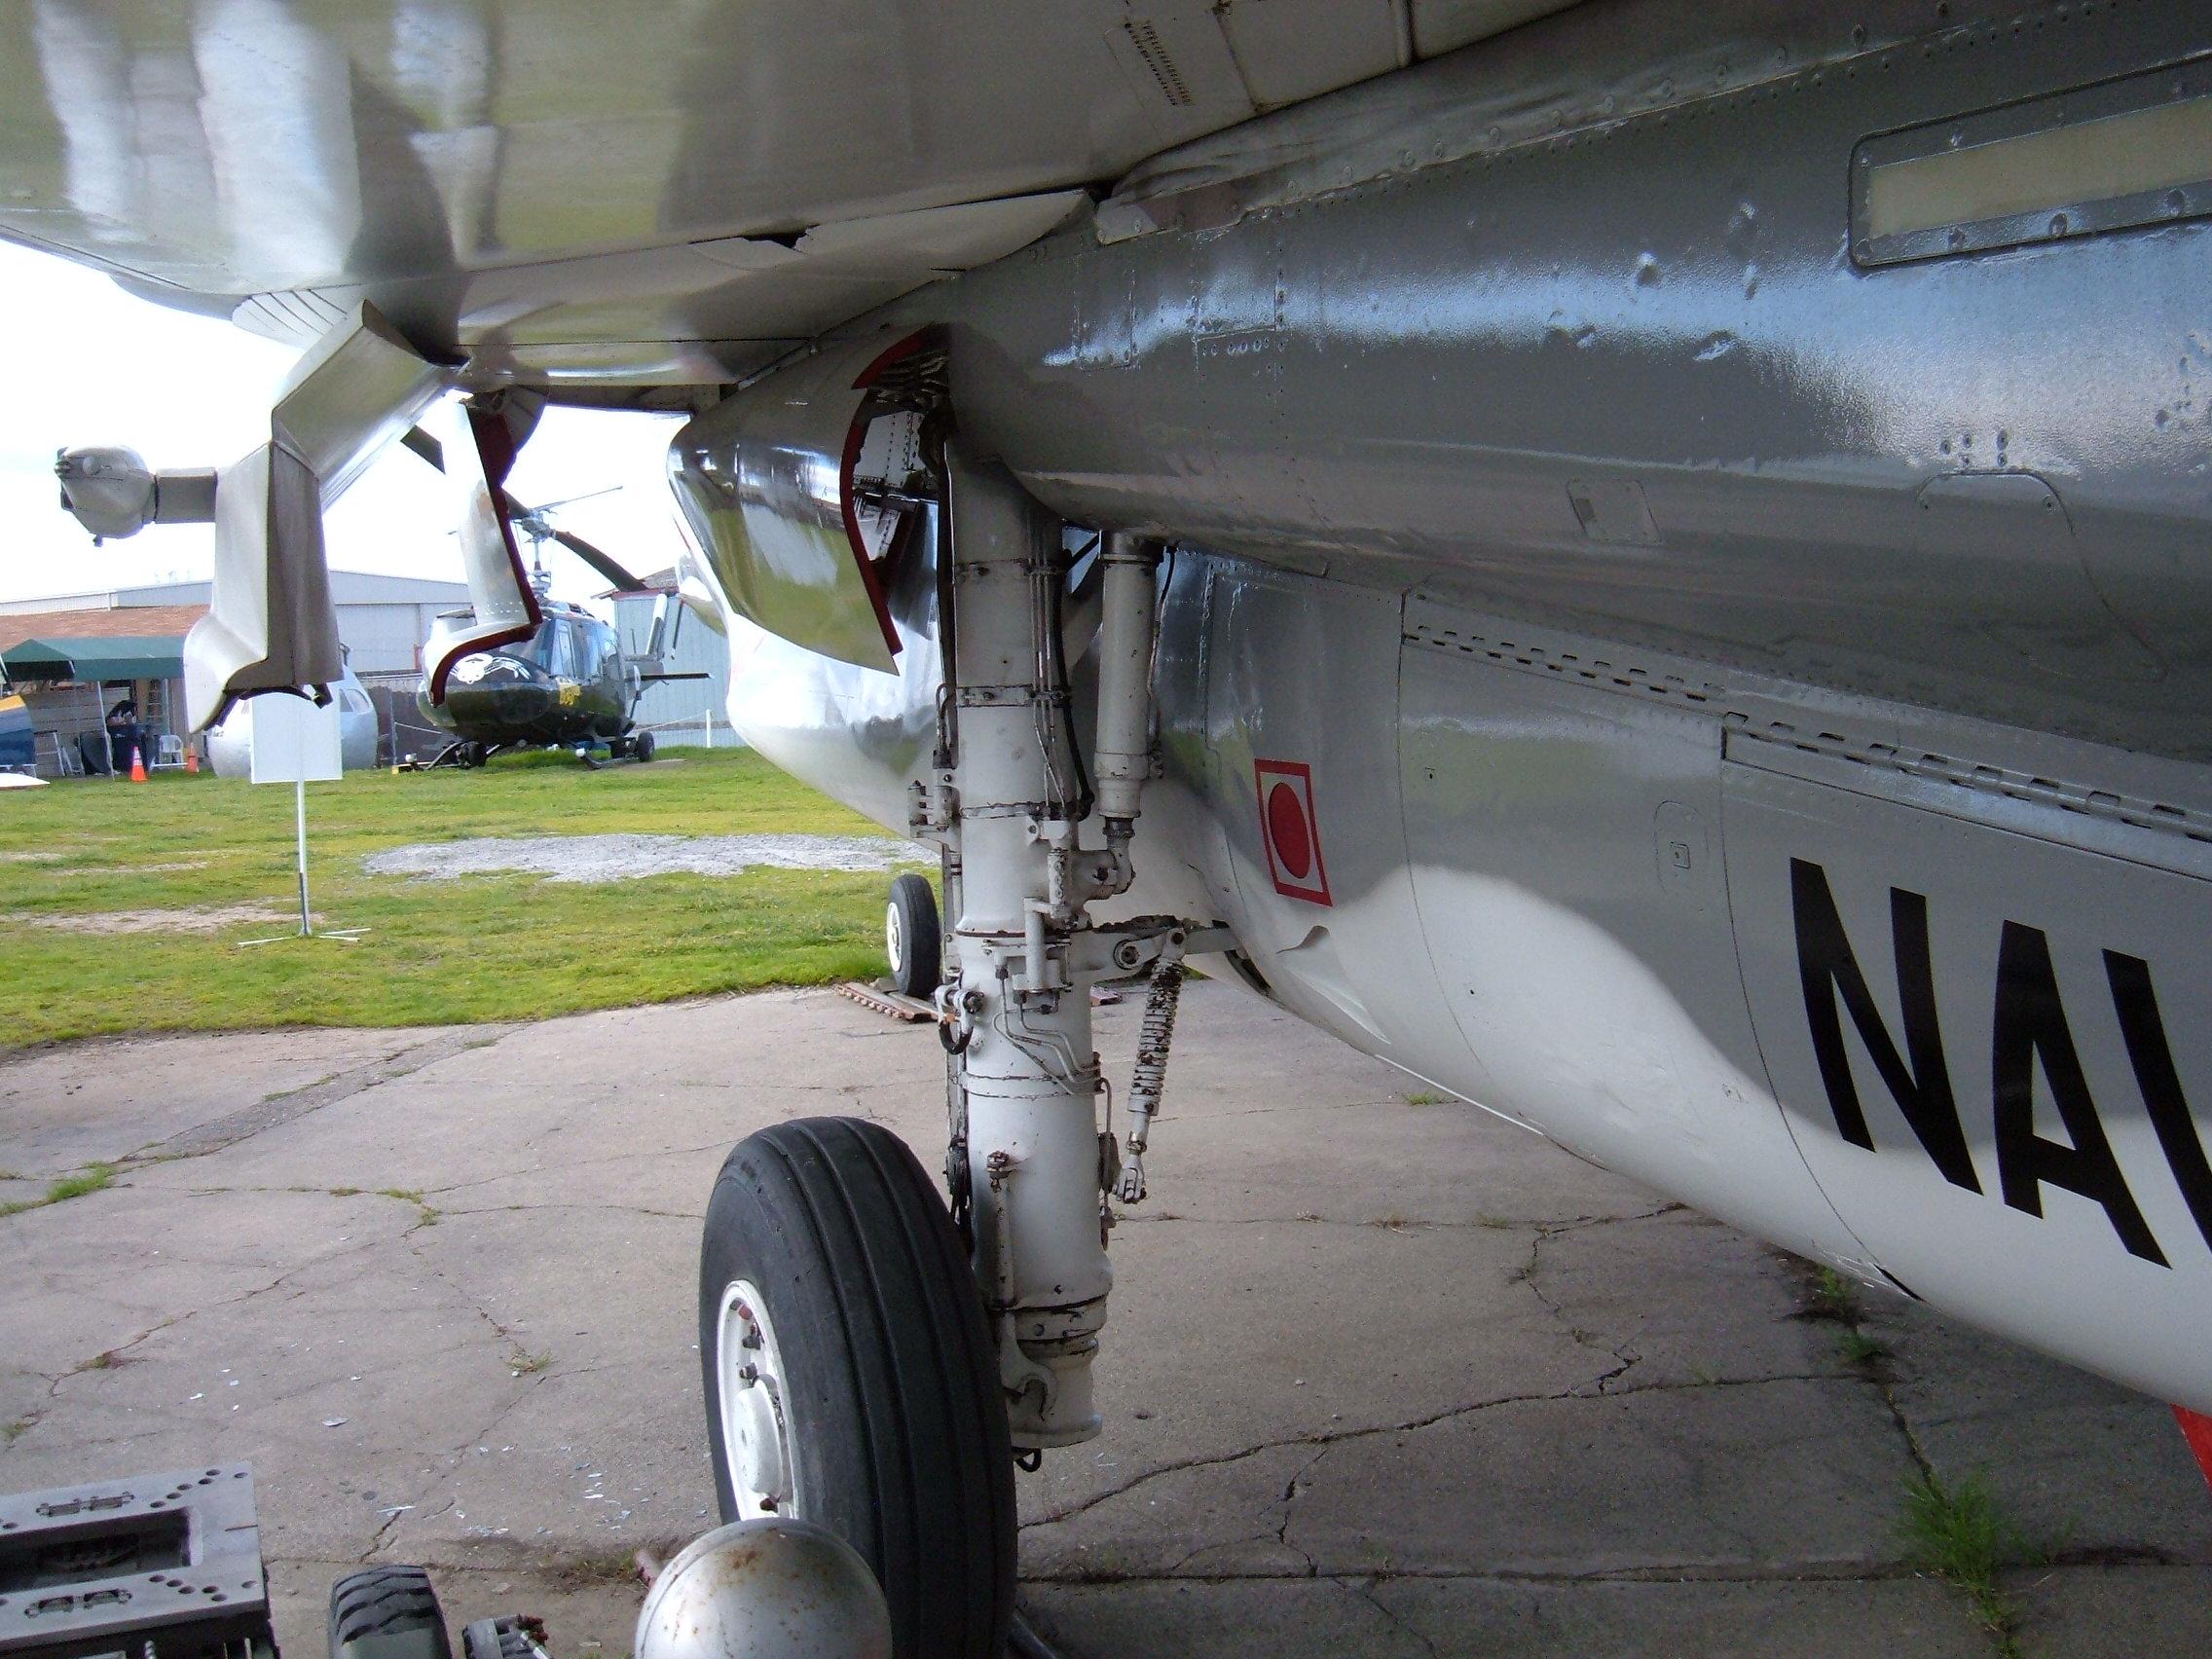 File:F-14A Tomcat rear landing gear 2.JPG - Wikimedia Commons